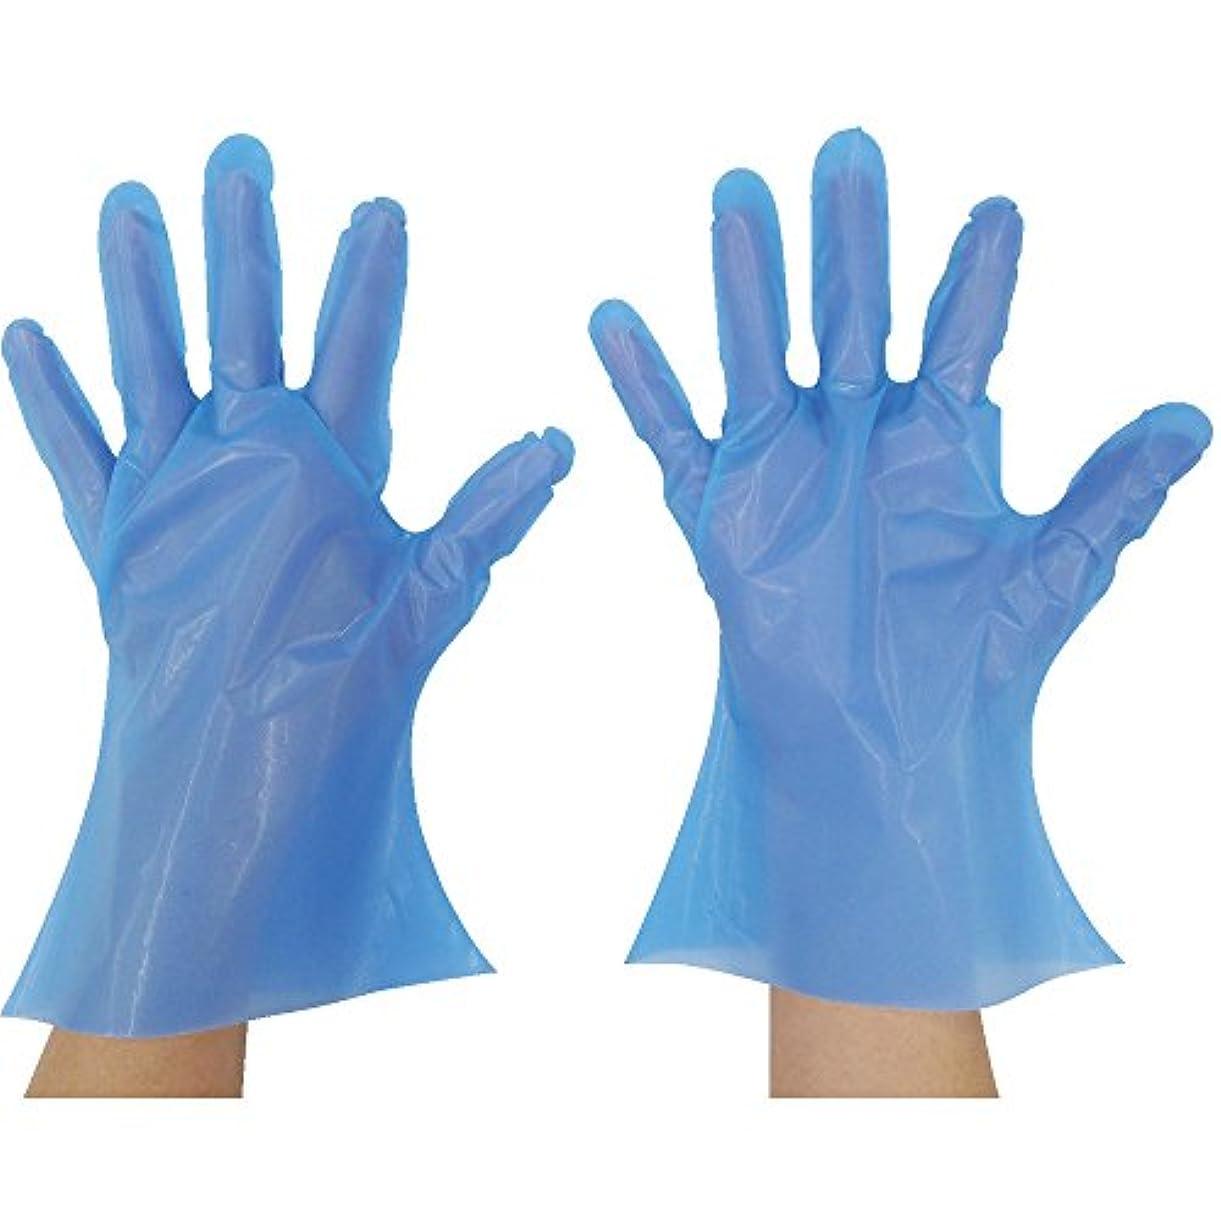 デクリメント自分のために希望に満ちた東京パック マイジャストニトポリグローブ SS ブルー NP-SS ポリエチレン使い捨て手袋